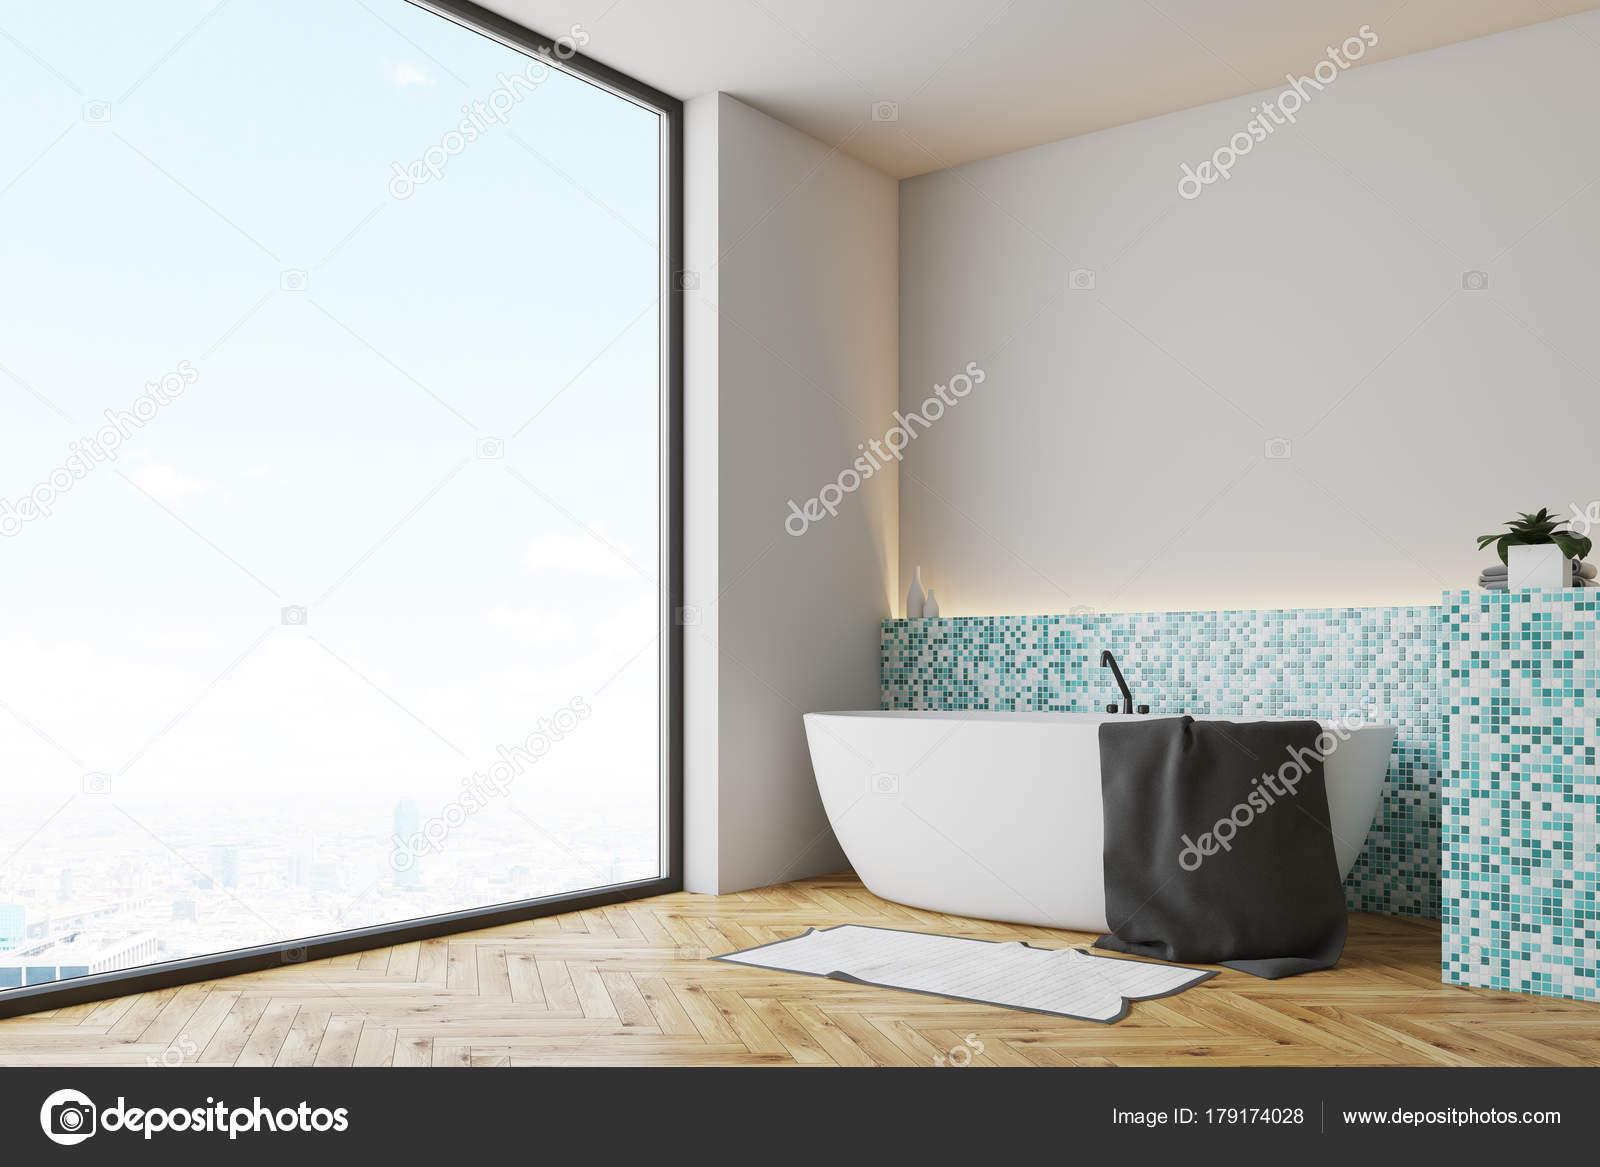 Vasca ad angolo bianco di verde piastrelle bagno u2014 foto stock